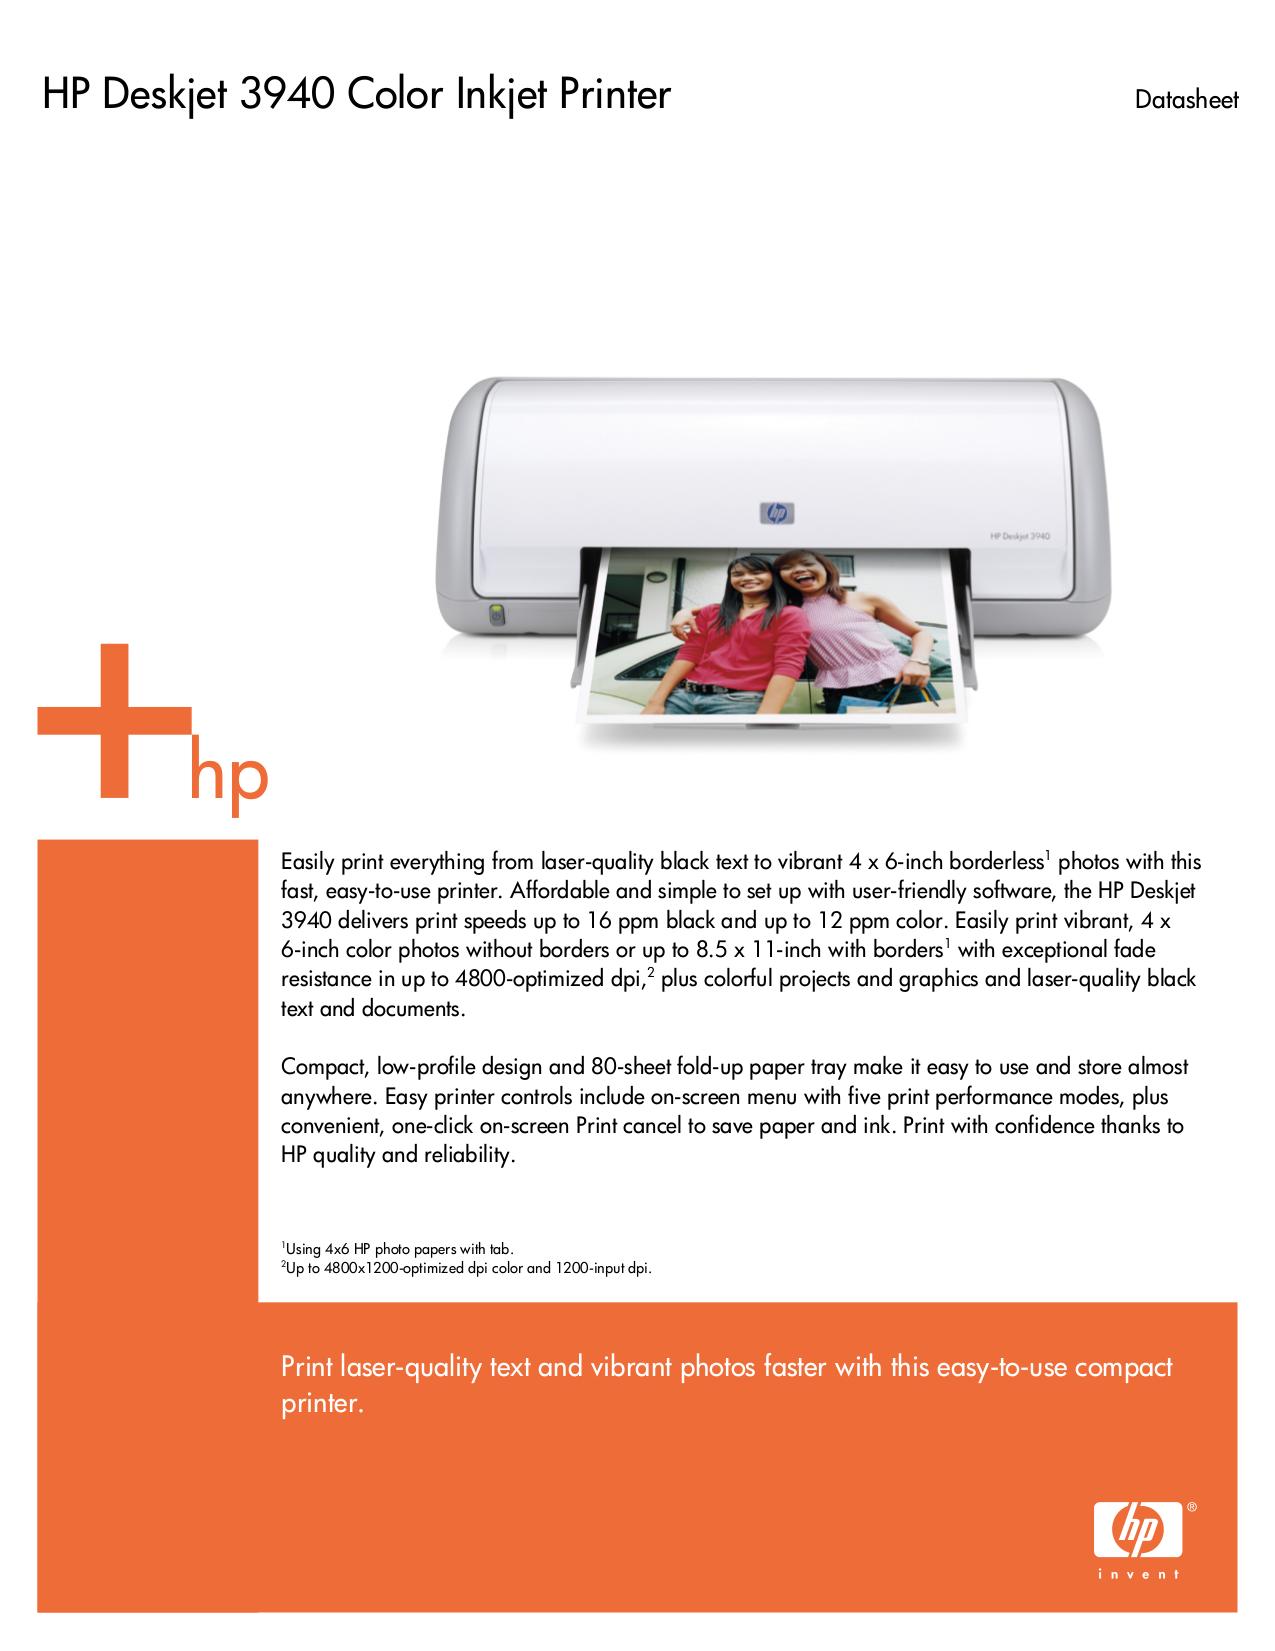 download free pdf for hp deskjet 3940 printer manual rh umlib com HP Deskjet 3940 Driver HP Deskjet 3940 Installation Software